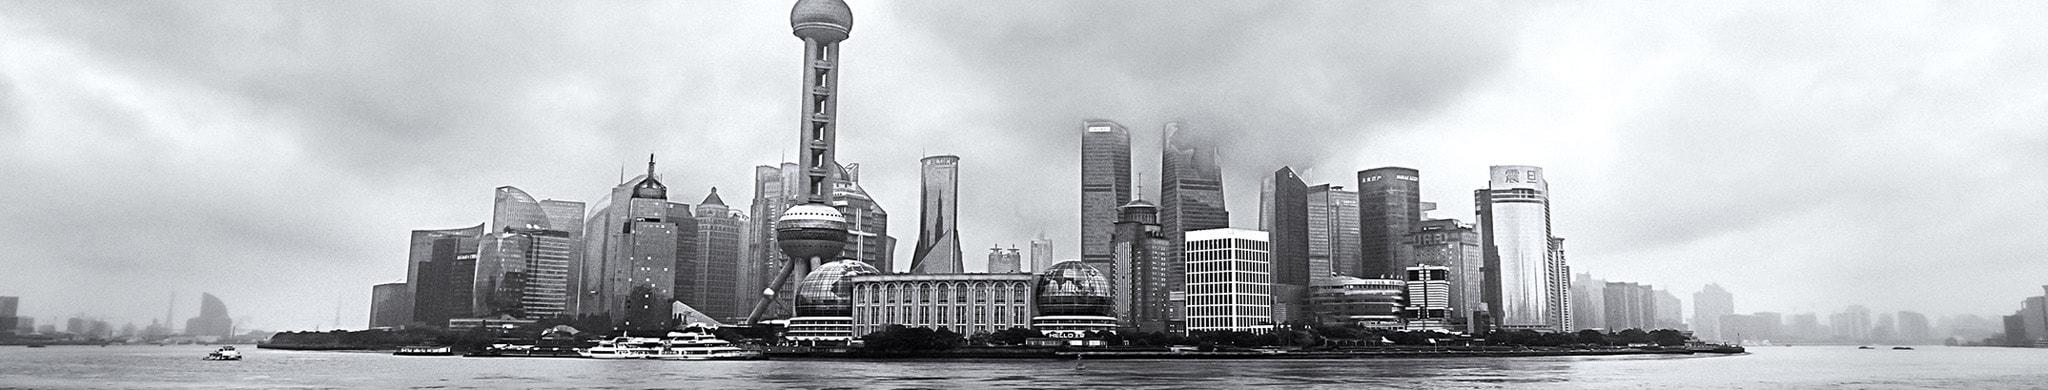 Королева востока<br> Шанхай